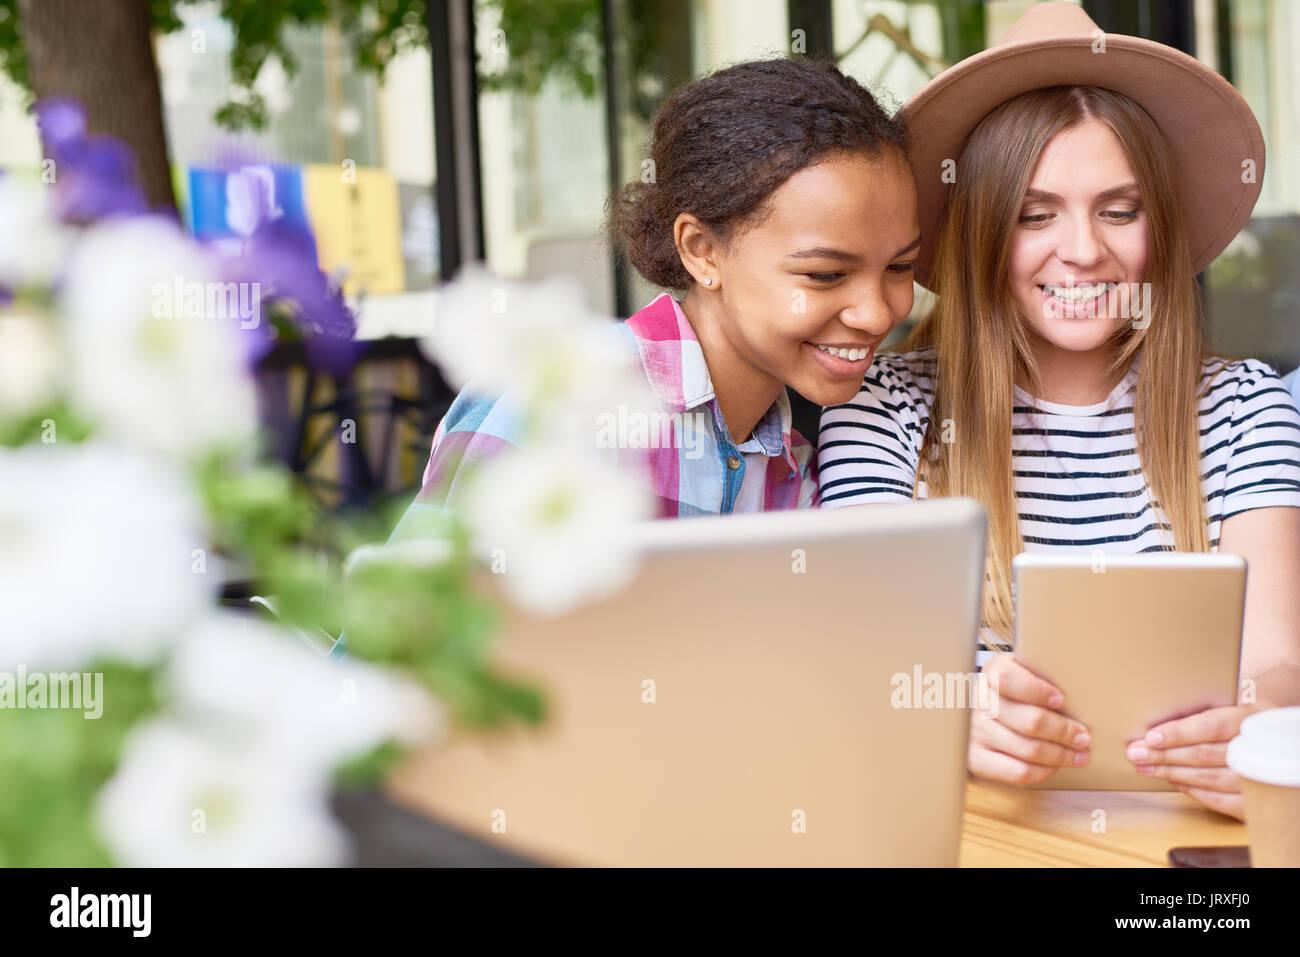 De belles jeunes filles à l'aide de tablet in Cafe Photo Stock